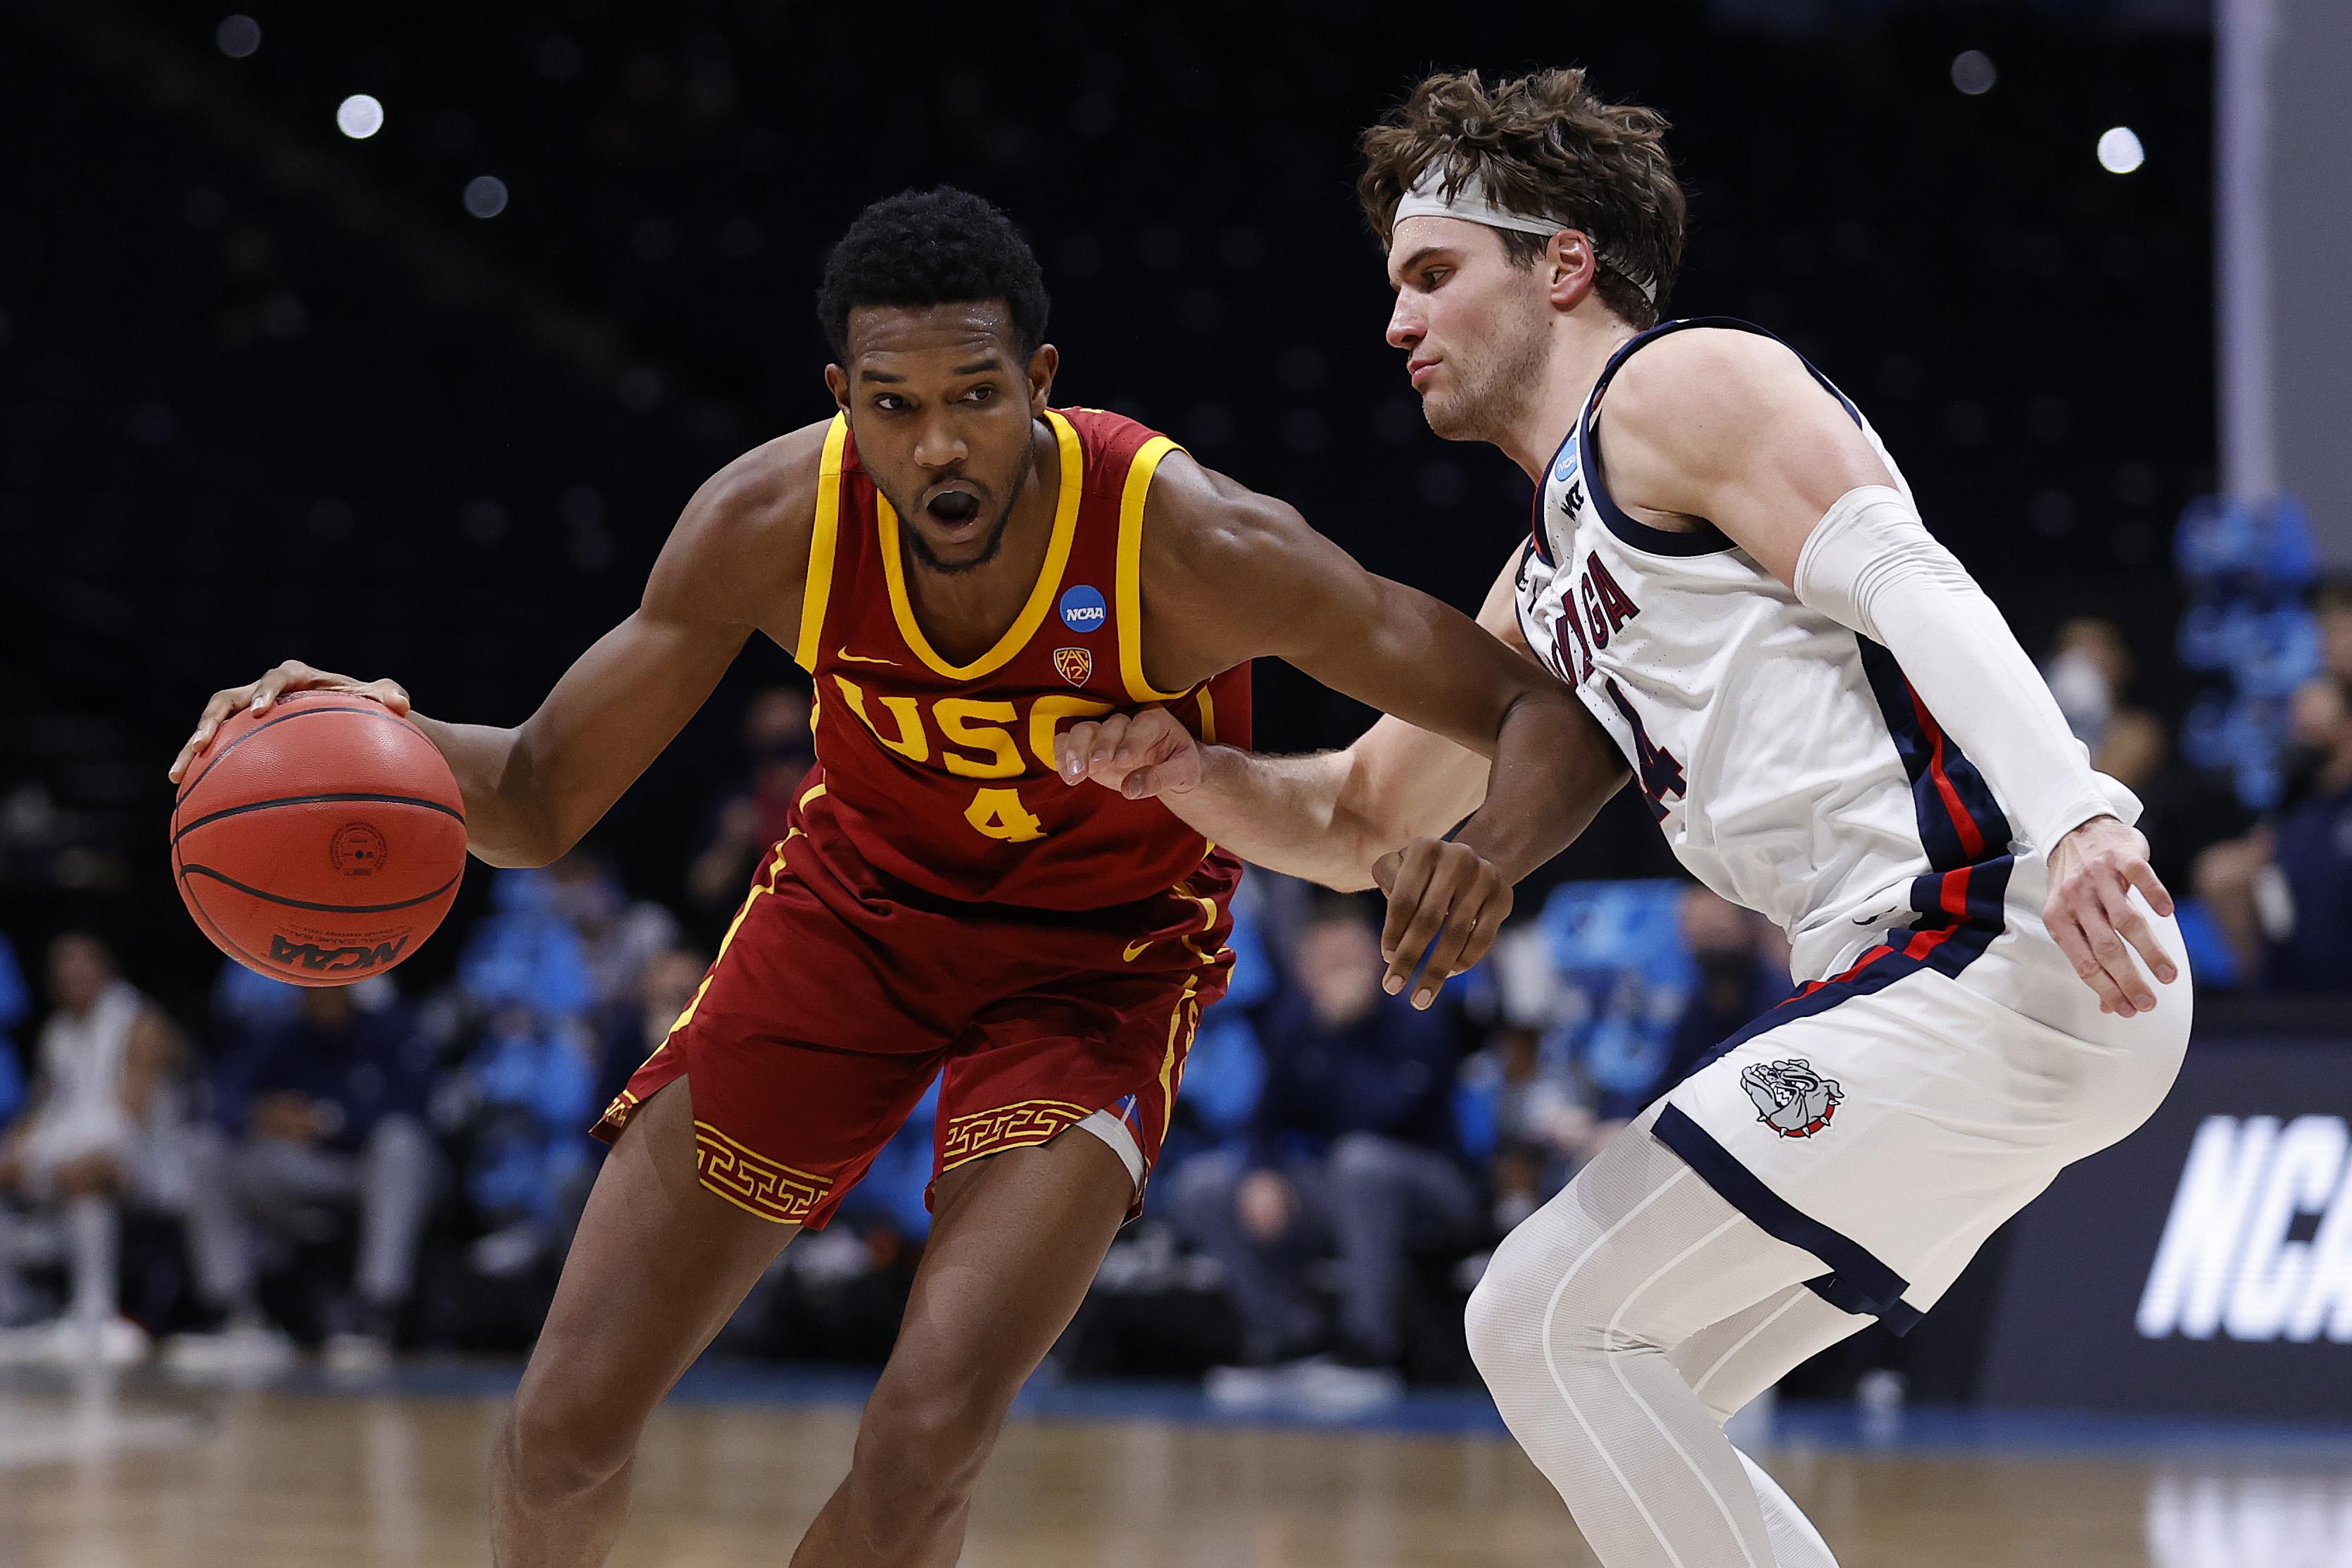 USC v Gonzaga